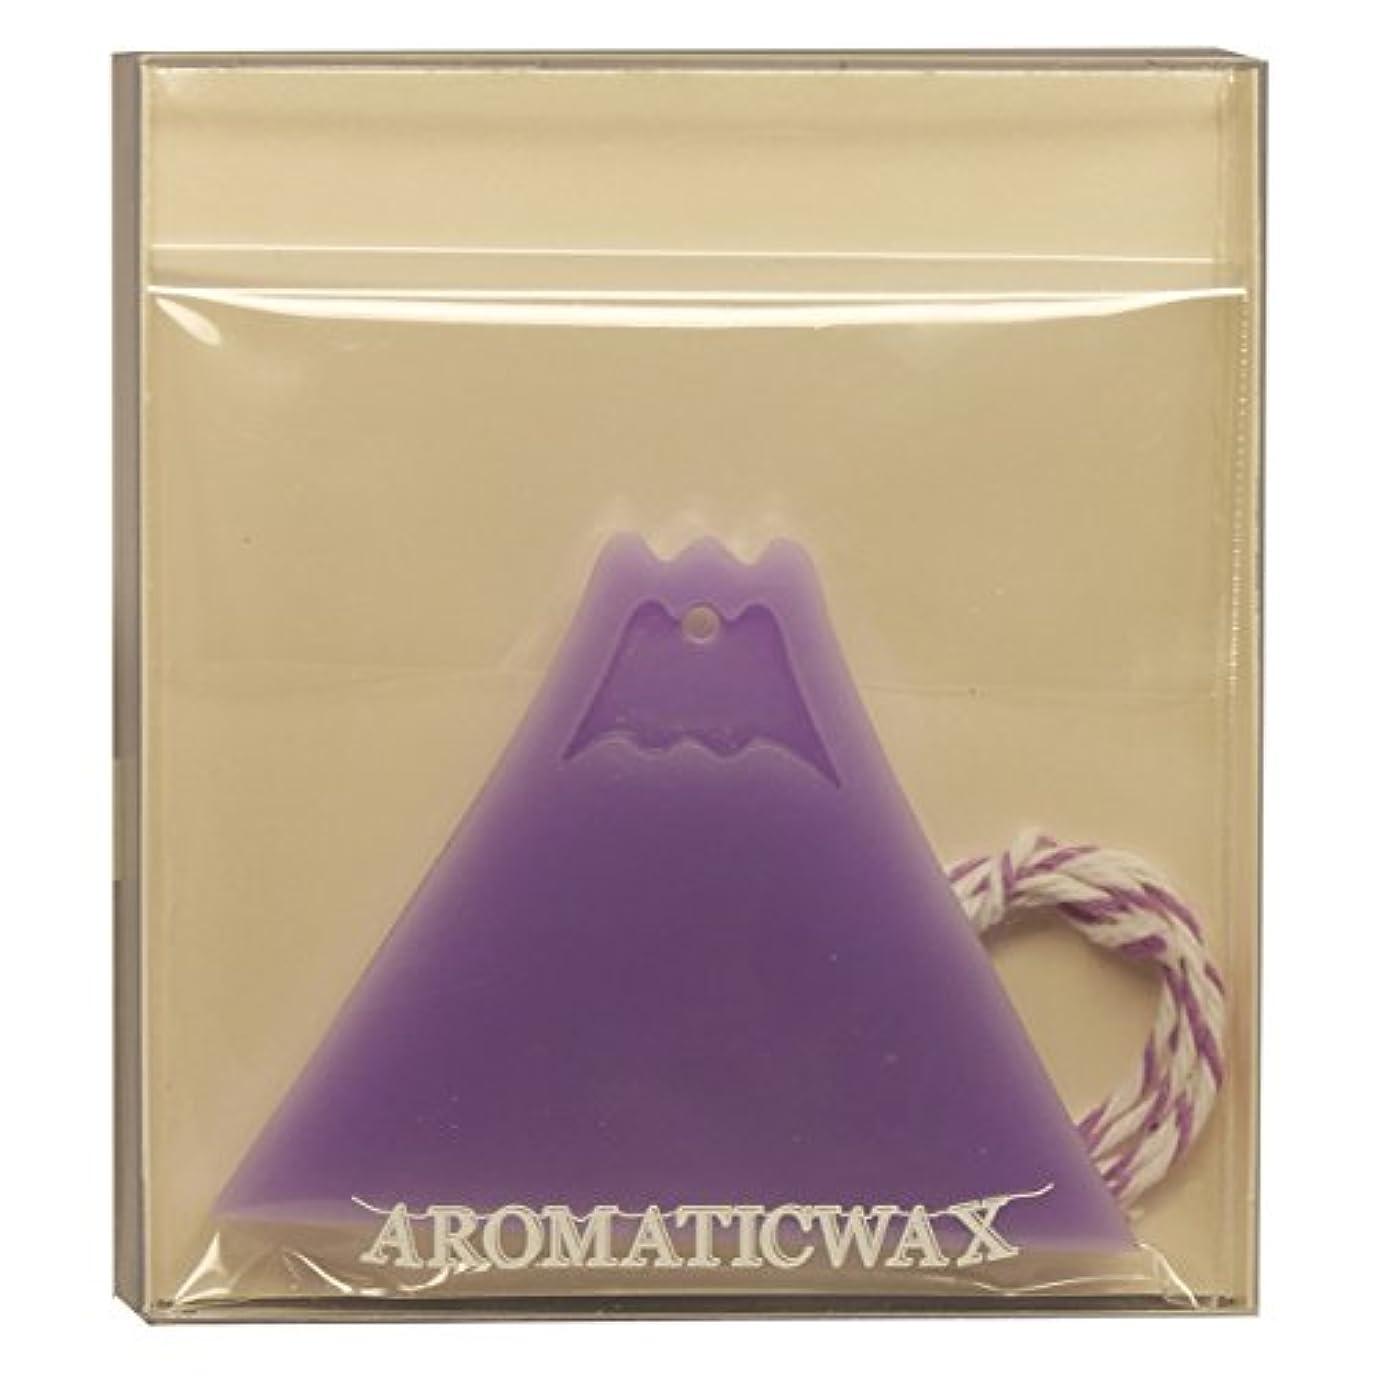 段落刈り取る物理学者GRASSE TOKYO AROMATICWAXチャーム「富士山」(PU) ラベンダー アロマティックワックス グラーストウキョウ